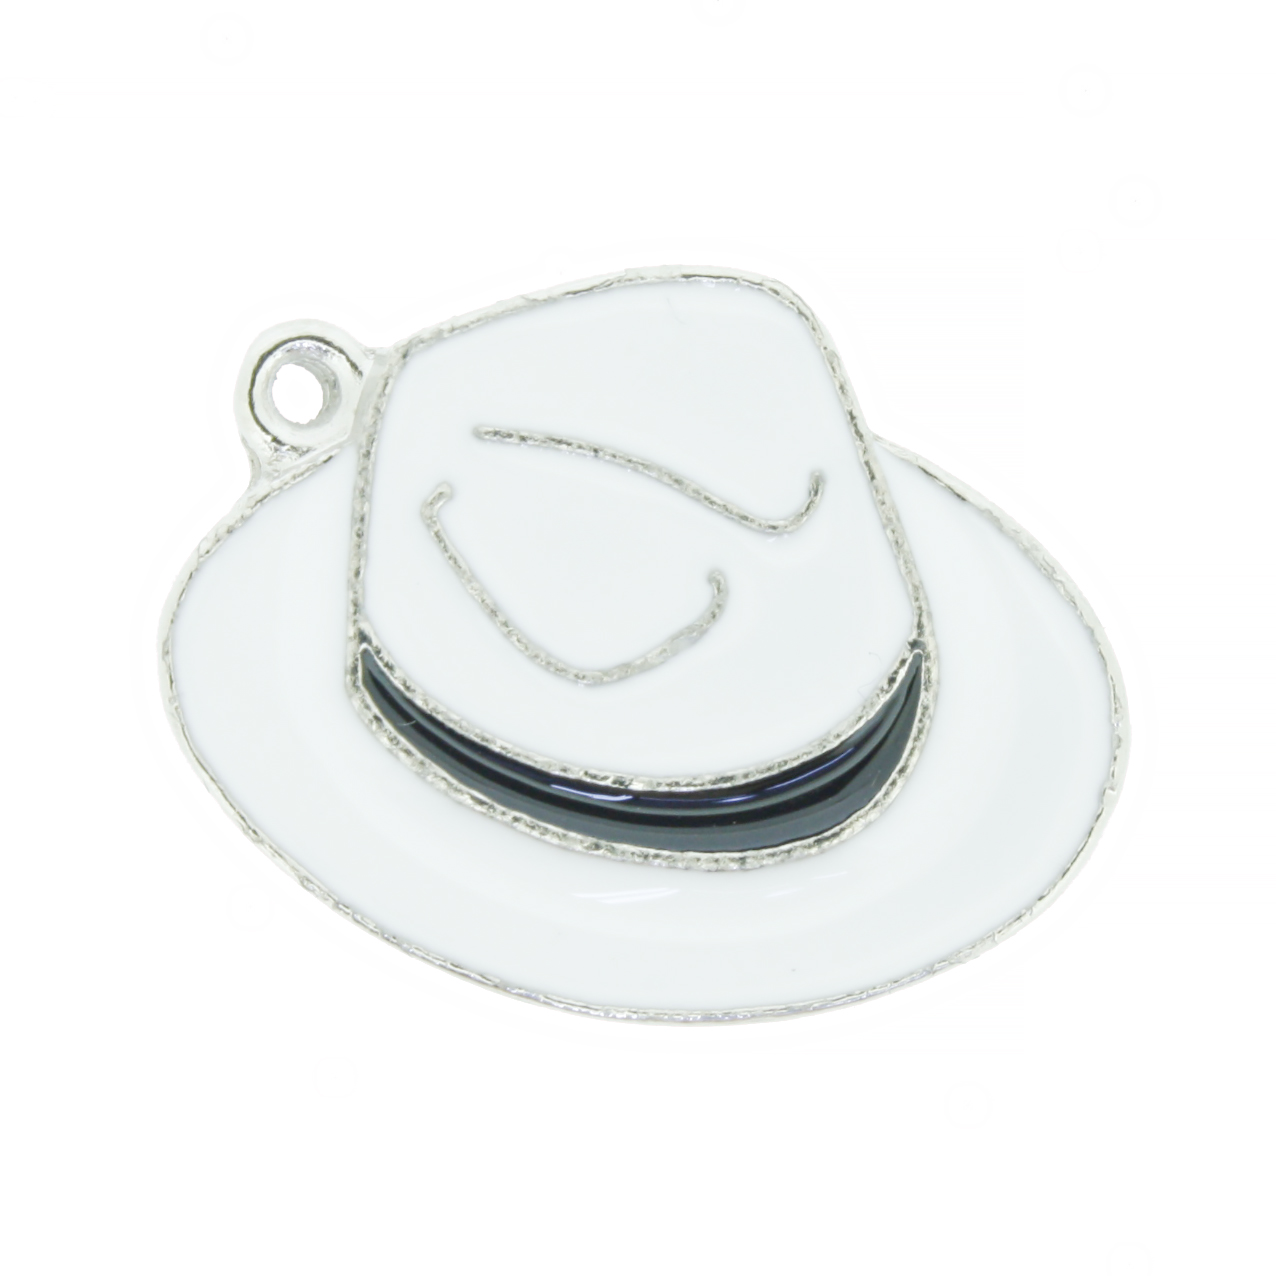 Chapéu Resinado Níquel - Branco e Preto - 22mm  - Stéphanie Bijoux® - Peças para Bijuterias e Artesanato